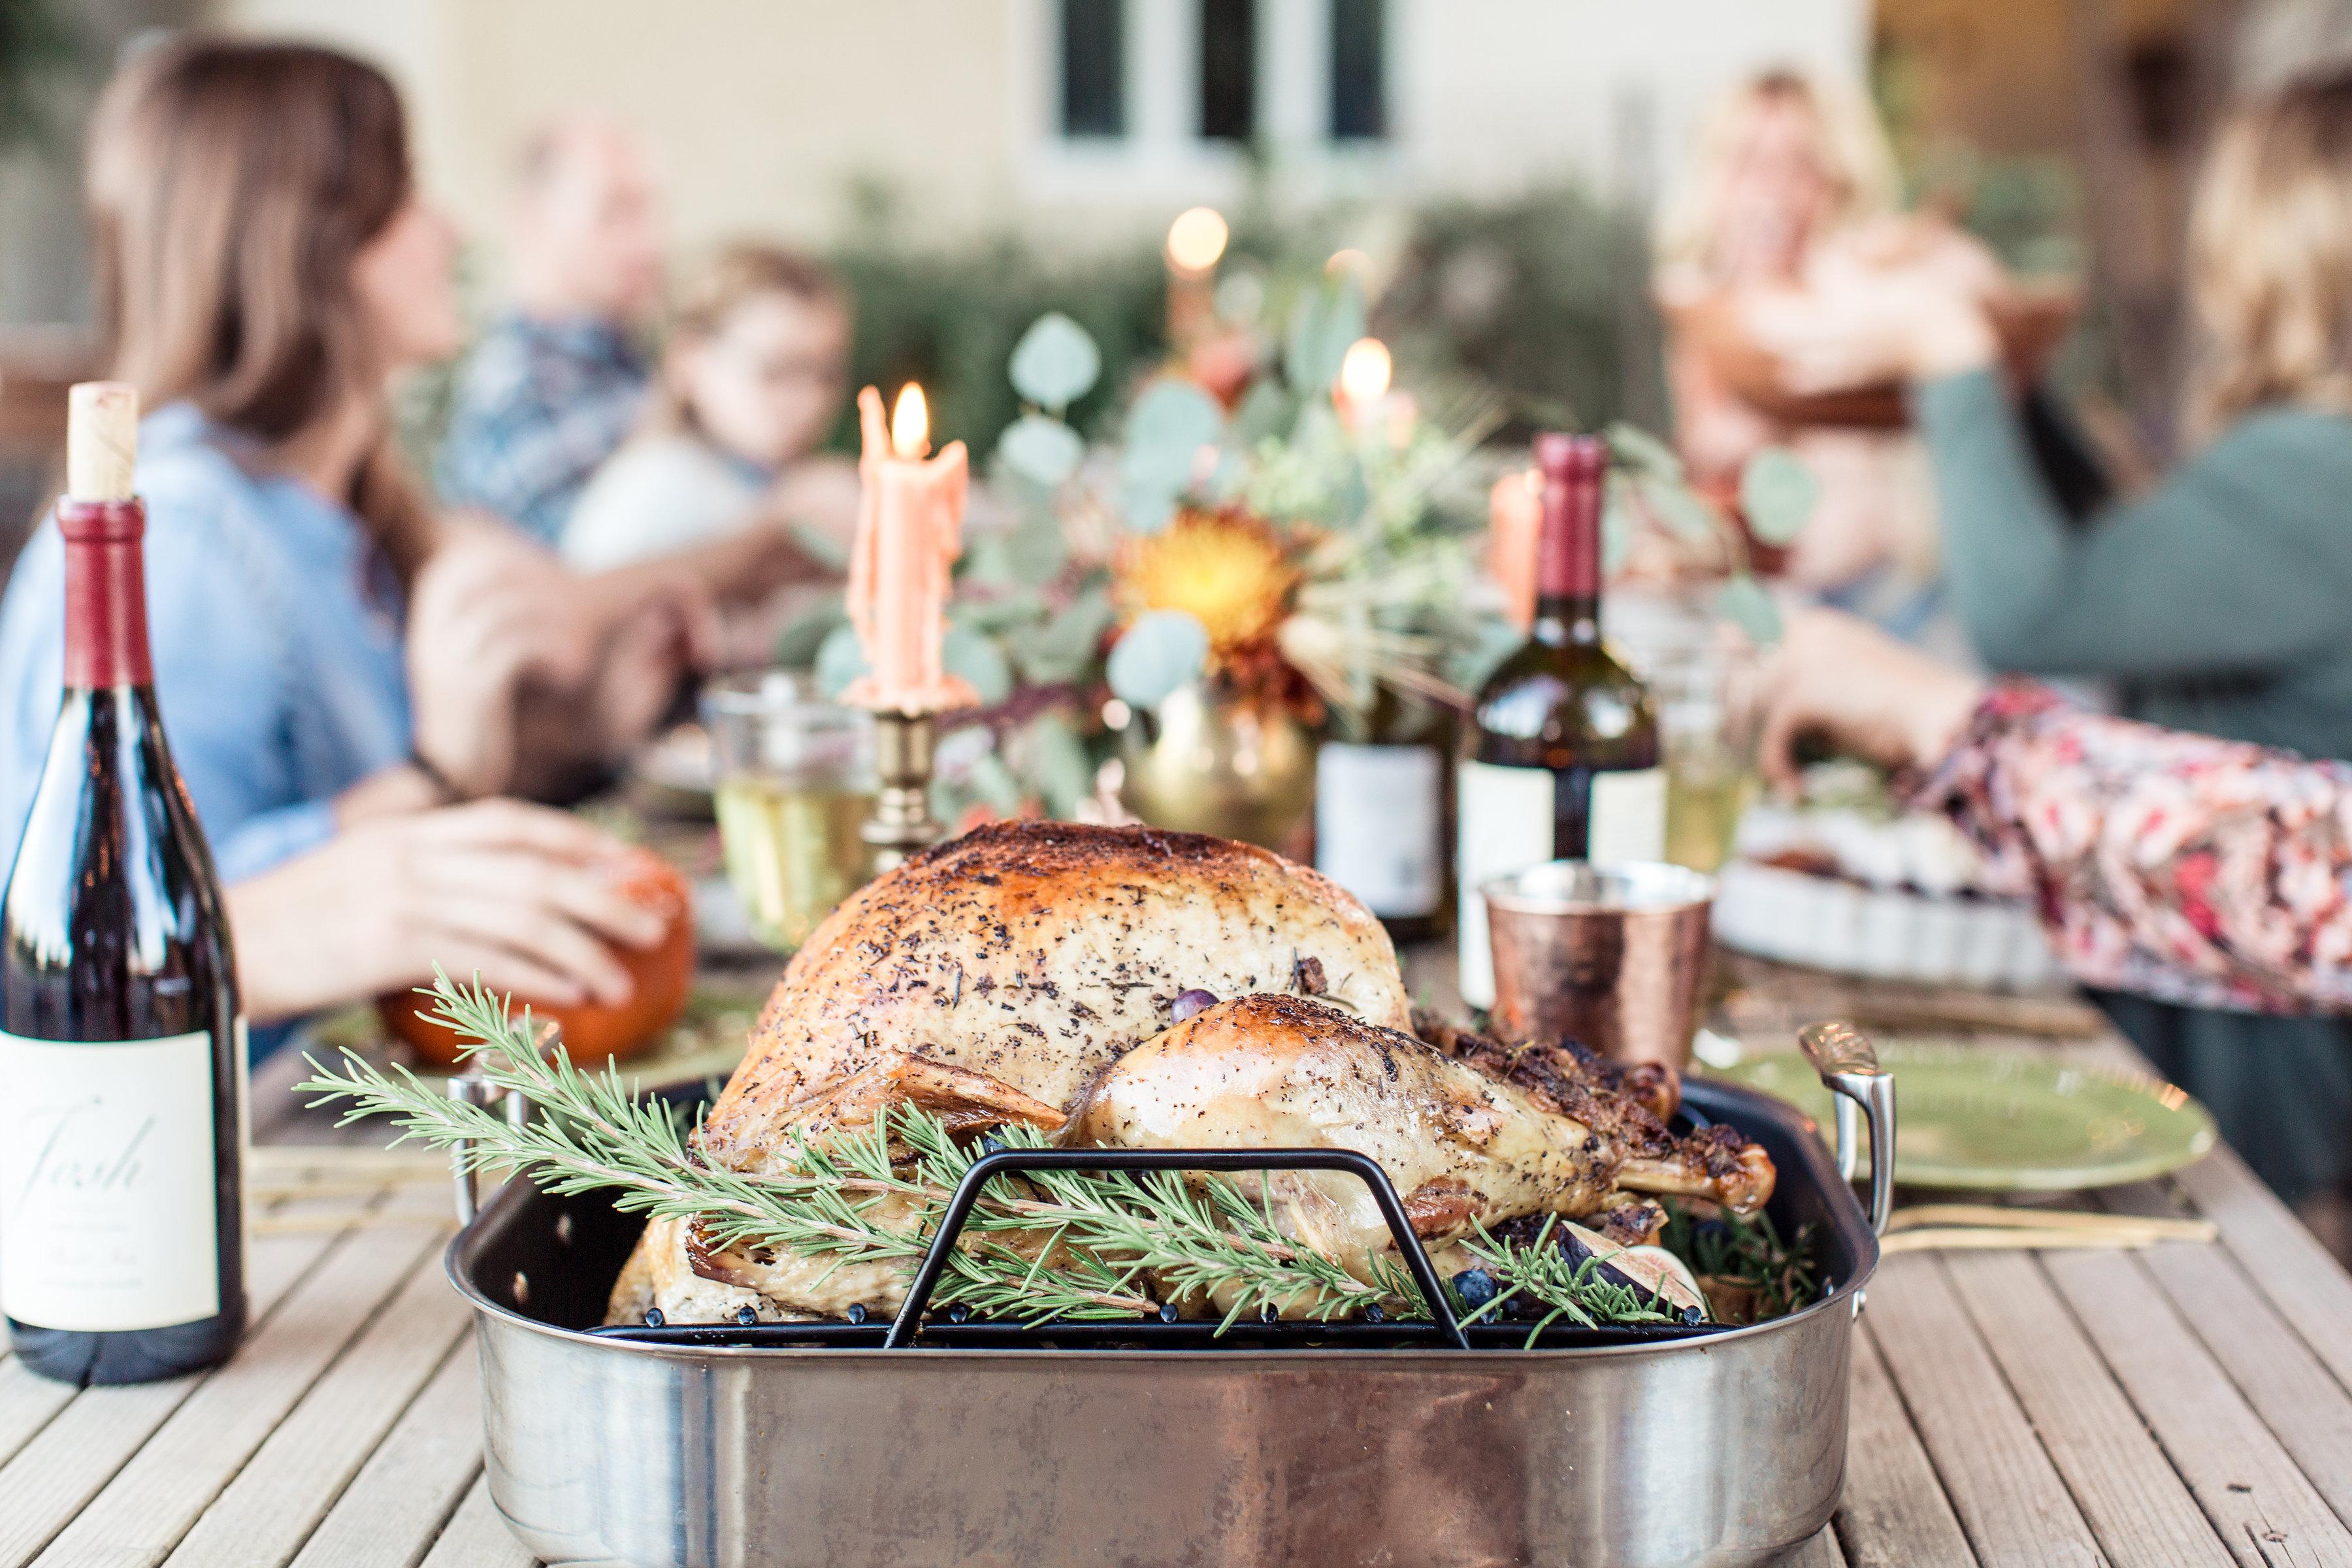 Roast Turkey with Blueberry Balsamic Glaze